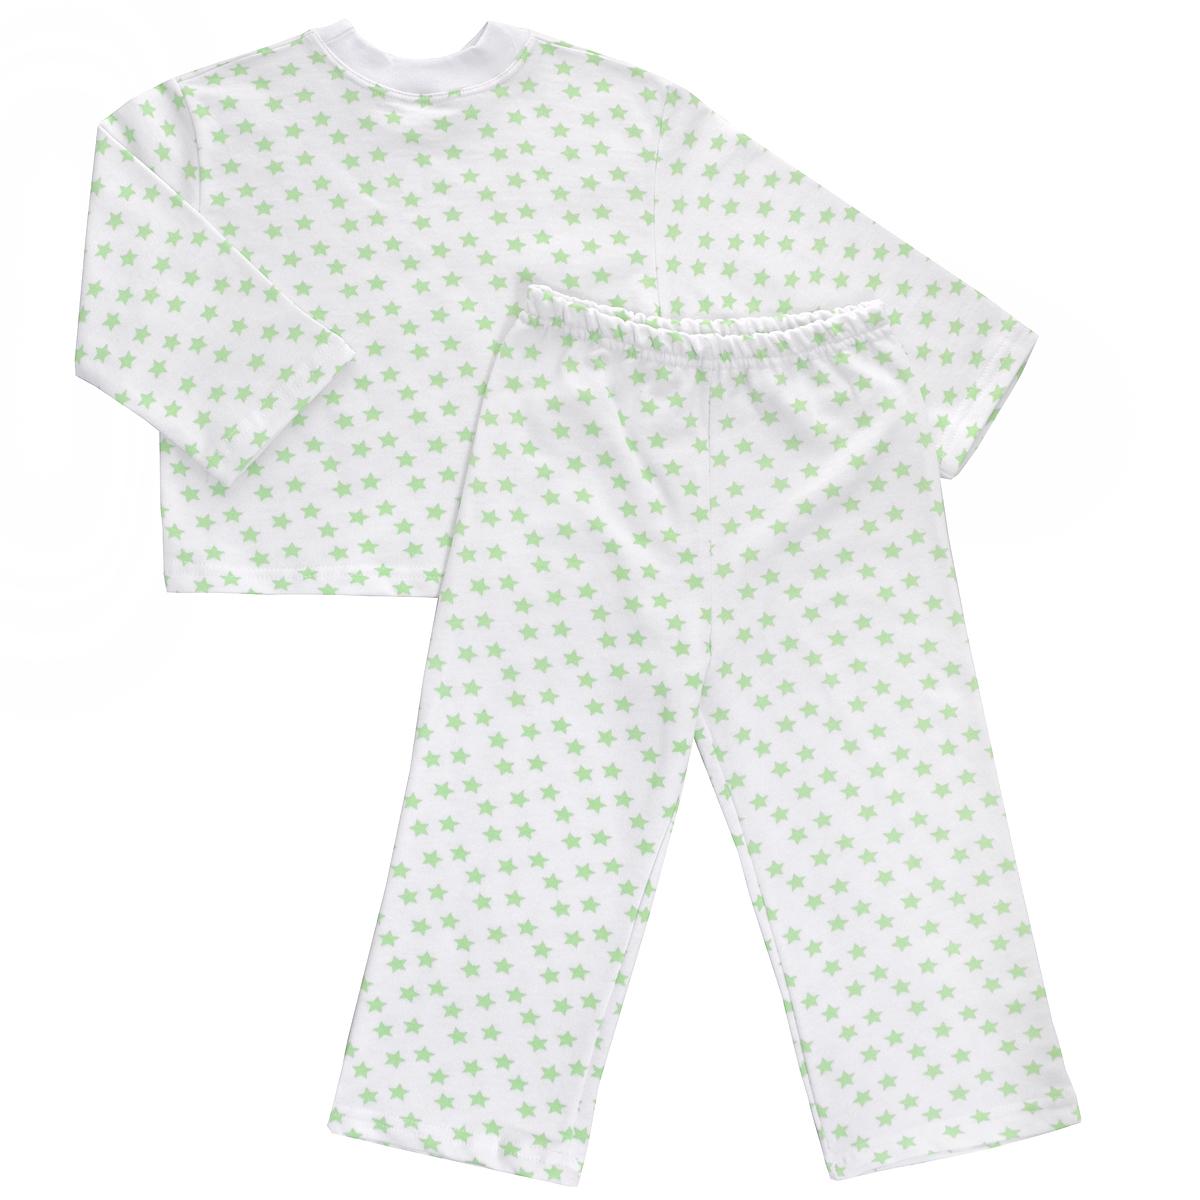 Пижама детская Трон-плюс, цвет: белый, салатовый, рисунок звезды. 5553. Размер 86/92, 2-3 года5553Яркая детская пижама Трон-плюс, состоящая из кофточки и штанишек, идеально подойдет вашему малышу и станет отличным дополнением к детскому гардеробу. Теплая пижама, изготовленная из набивного футера - натурального хлопка, необычайно мягкая и легкая, не сковывает движения ребенка, позволяет коже дышать и не раздражает даже самую нежную и чувствительную кожу малыша. Кофта с длинными рукавами имеет круглый вырез горловины. Штанишки на удобной резинке не сдавливают животик ребенка и не сползают.В такой пижаме ваш ребенок будет чувствовать себя комфортно и уютно во время сна.